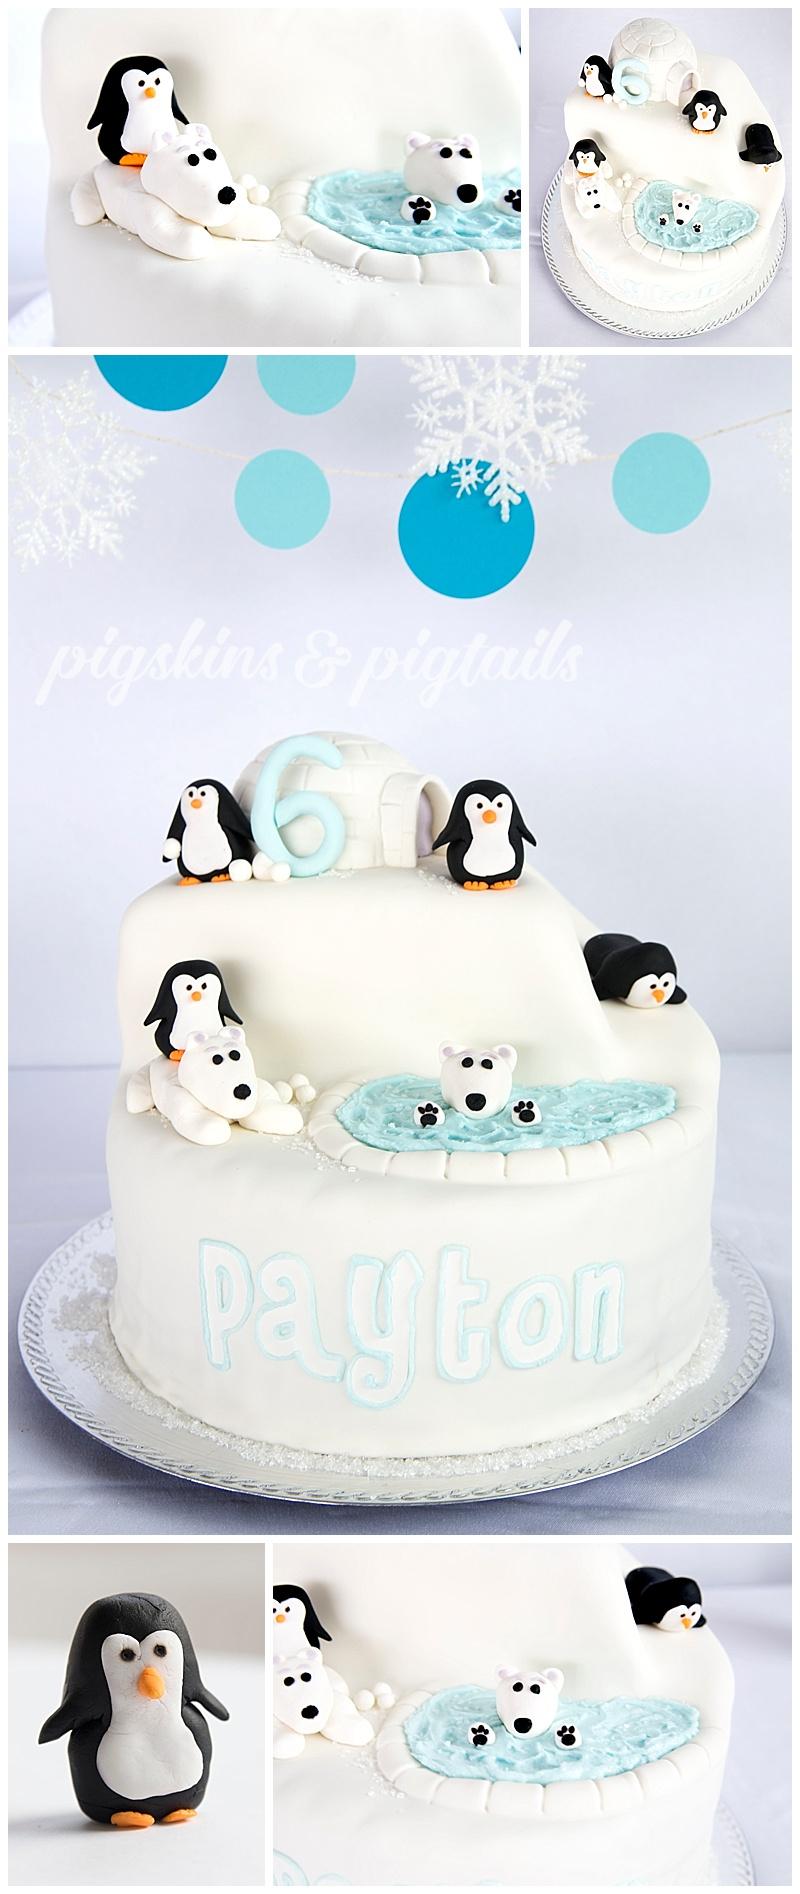 Penguin Polar Bear Party Cake